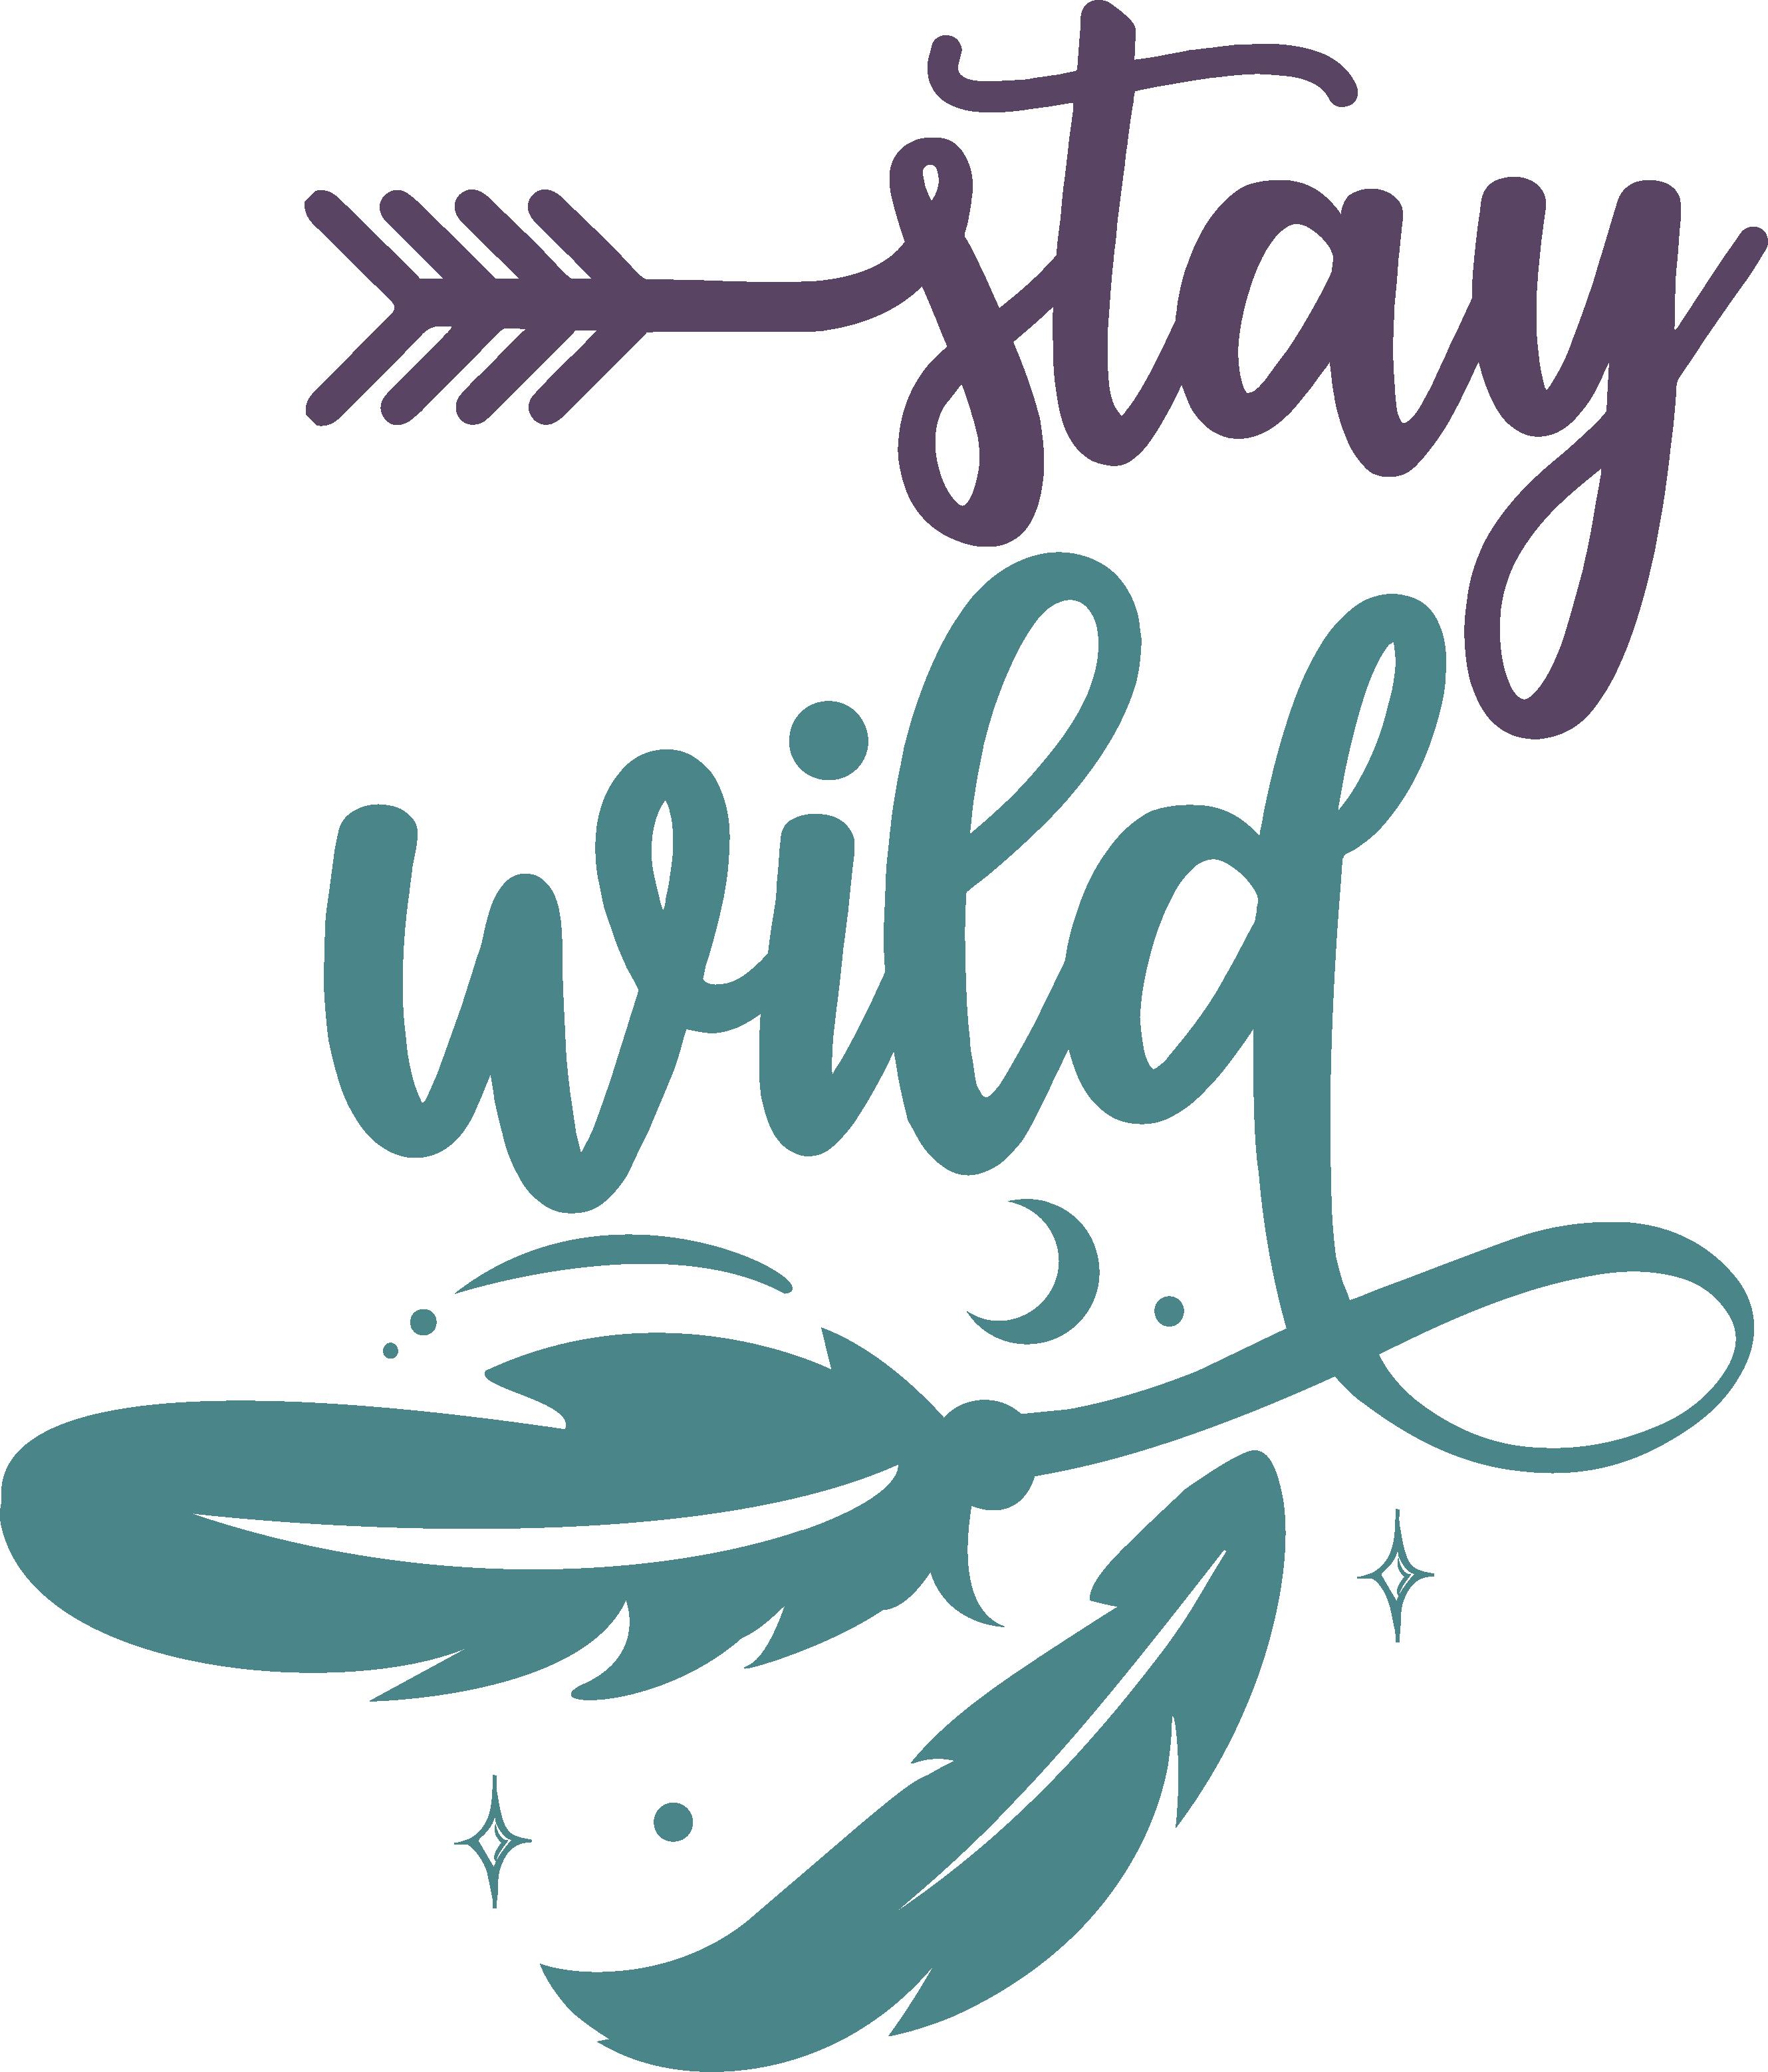 BOHO-StayWild